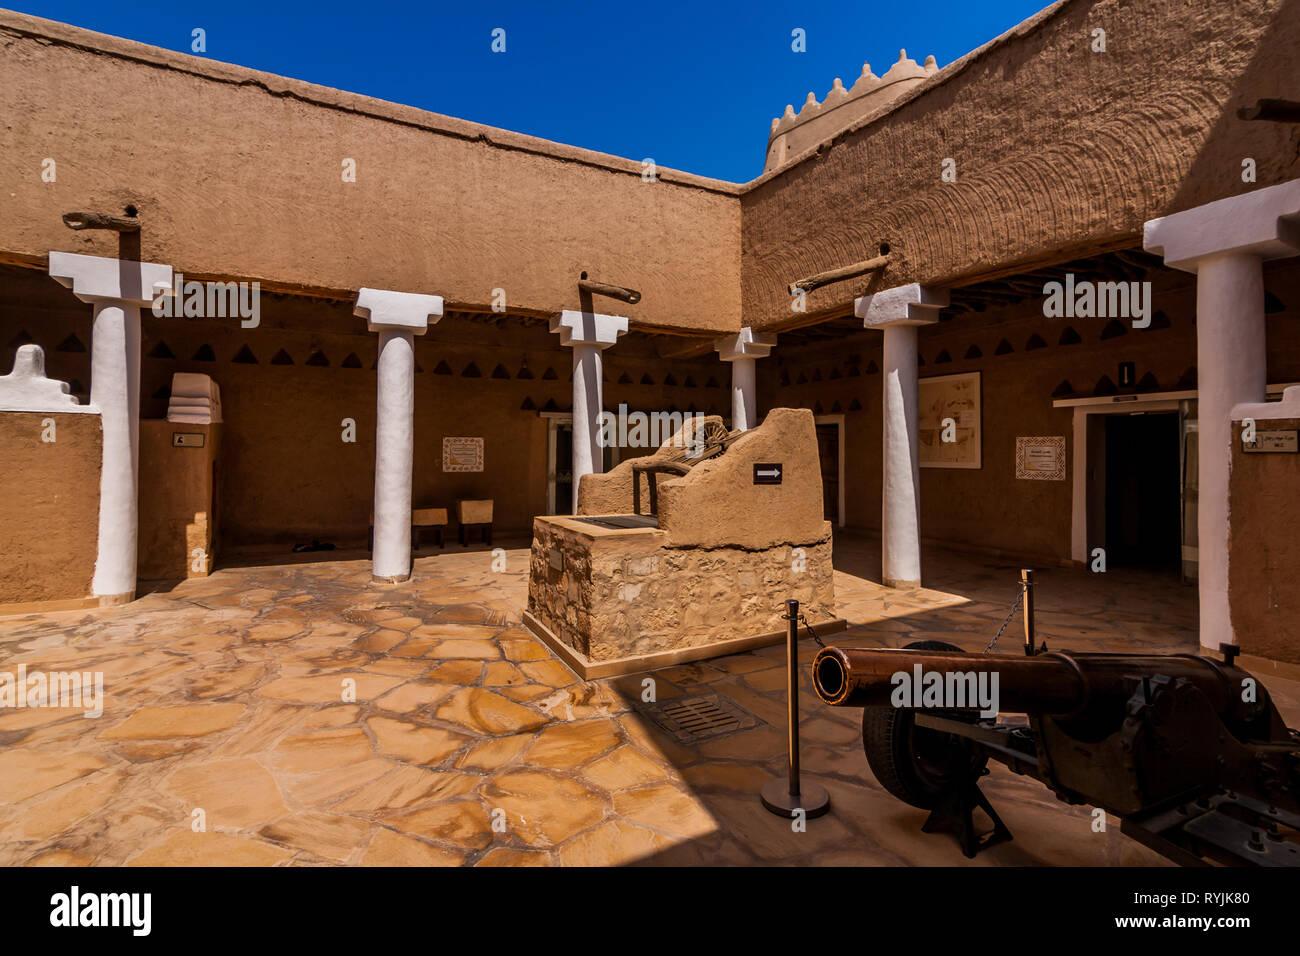 El patio interior de la Masmak Fort, Riad Imagen De Stock